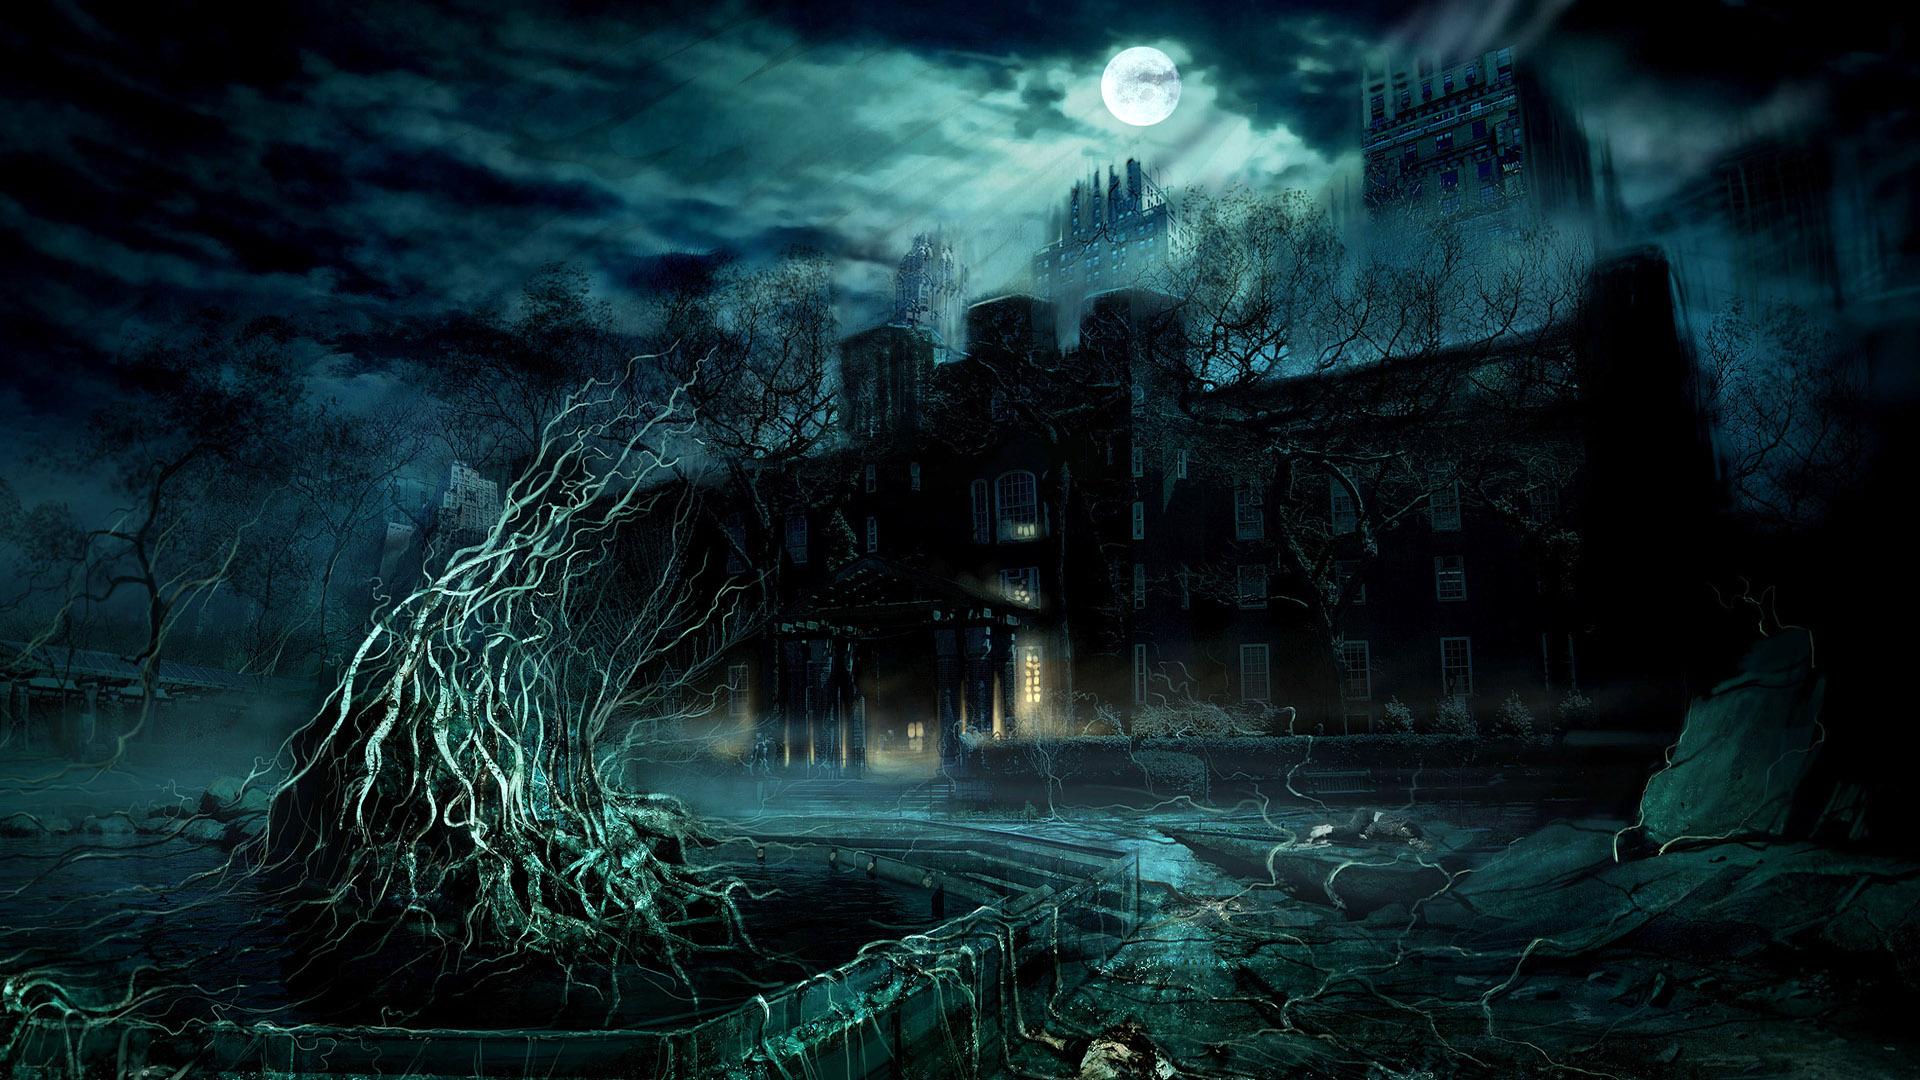 Hd wallpaper 1080p - Dark Game Scene Hd Wallpapers 1080p